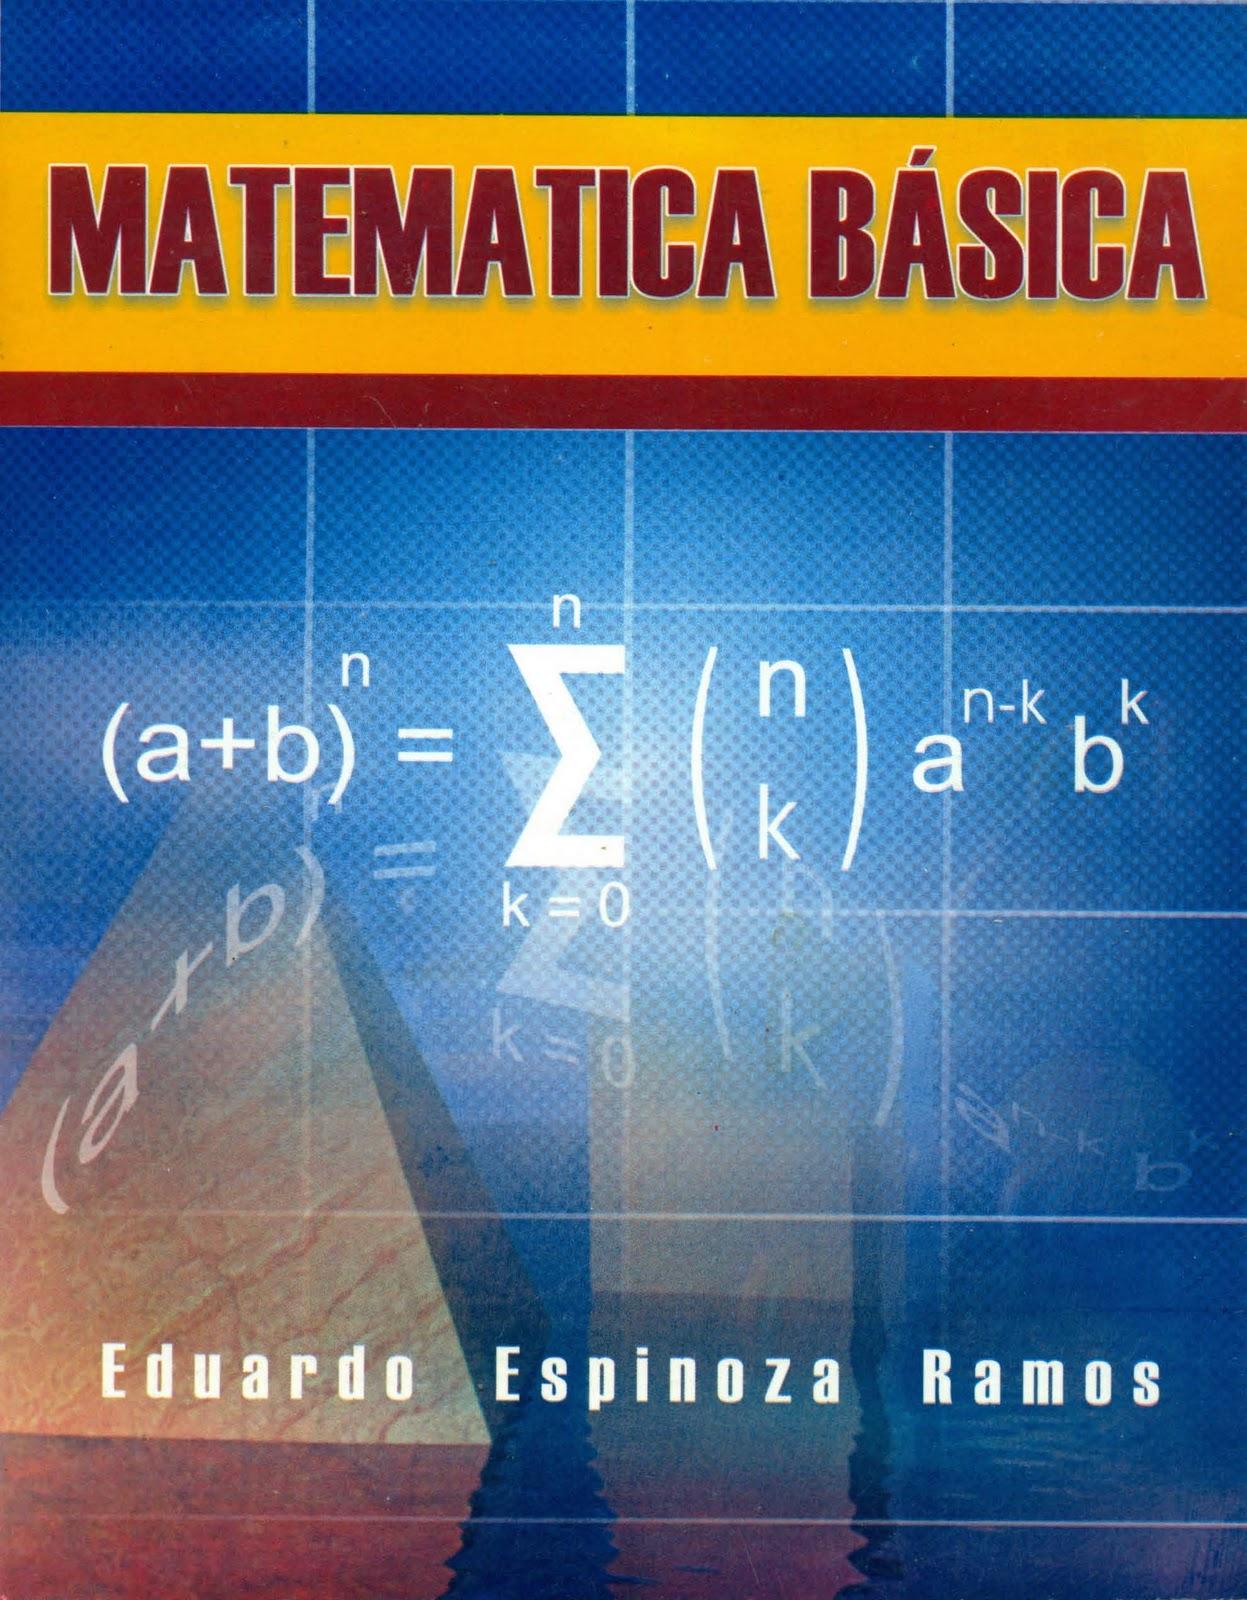 Matemática Básica   Eduardo Espinoza Ramos FreeLibros